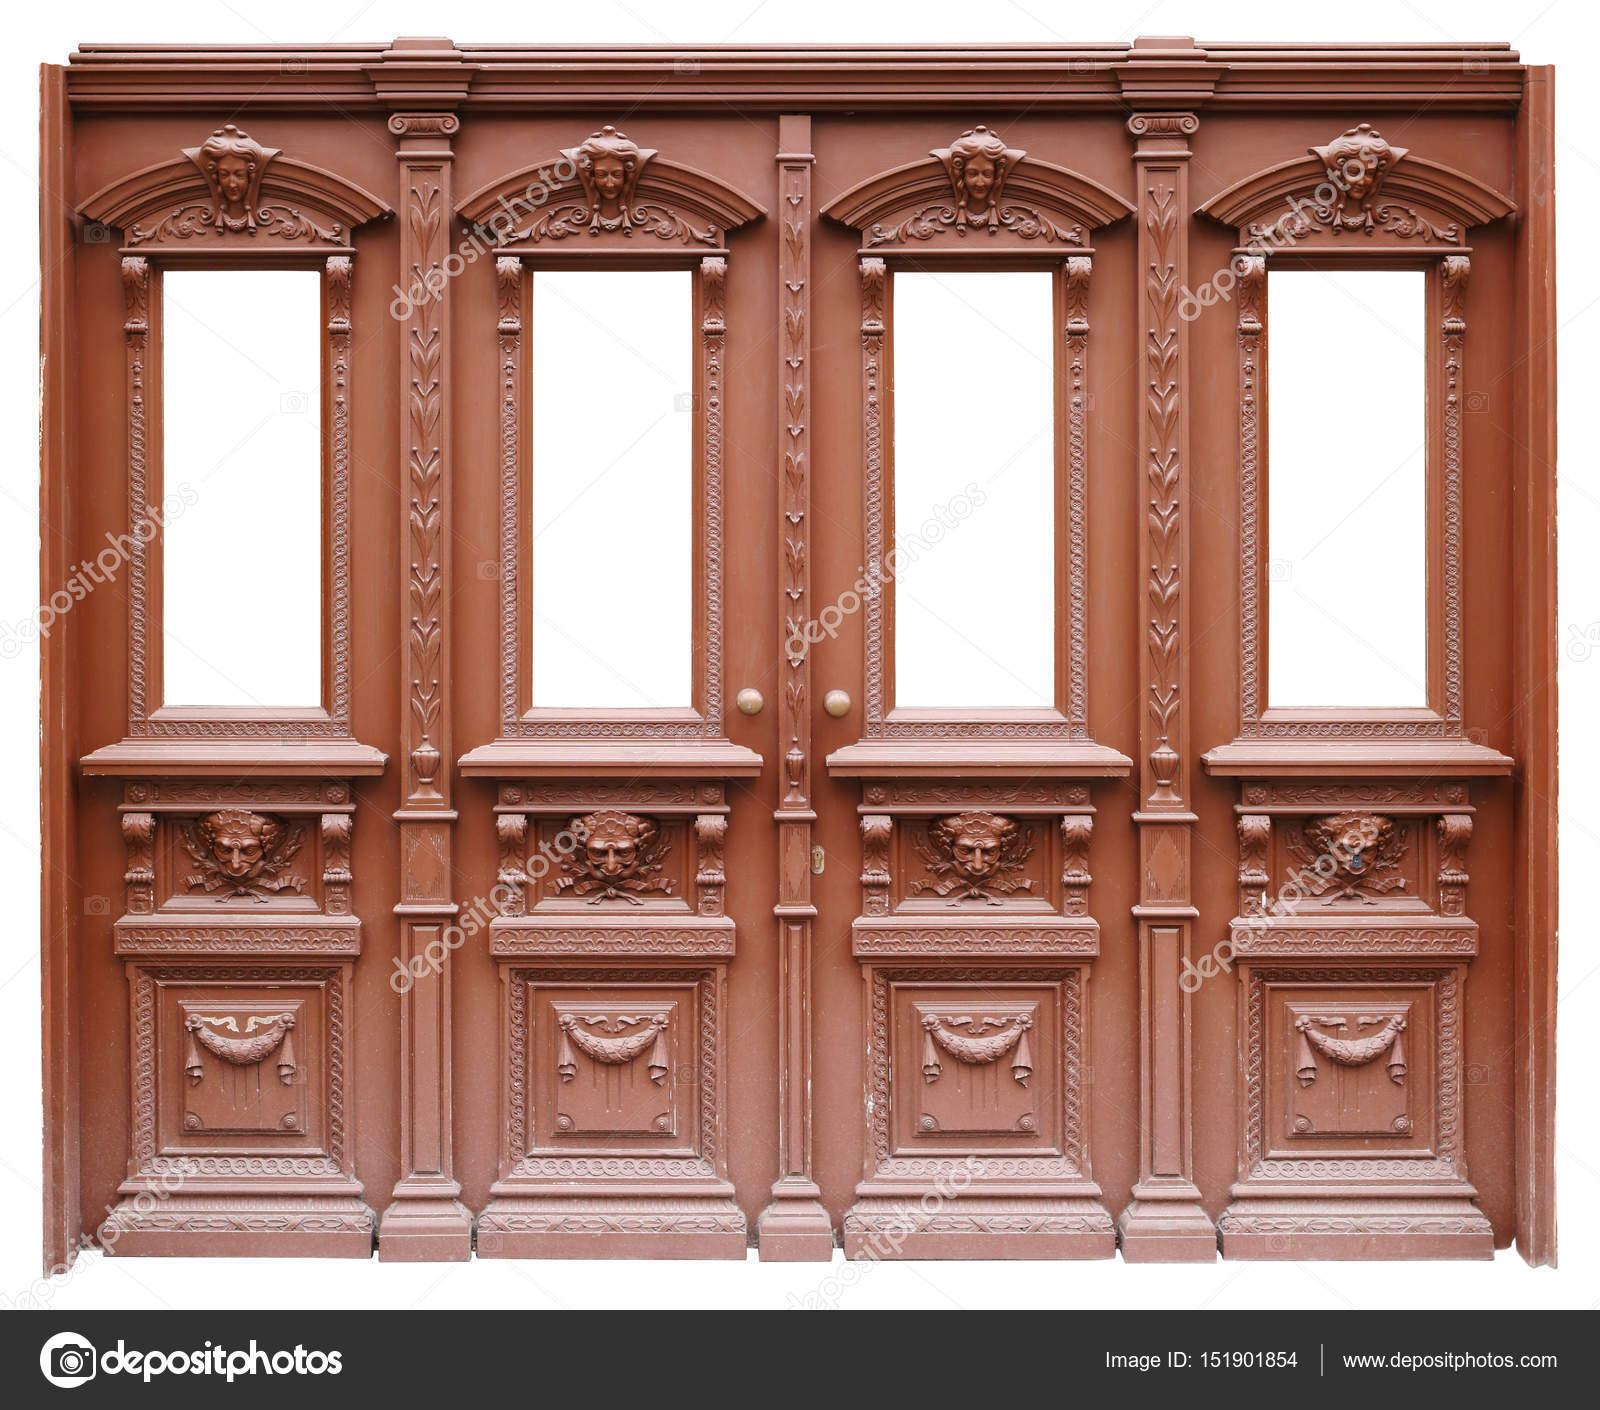 Doo madera vintage ancho marrón grande — Foto de stock © vilaxlt ...